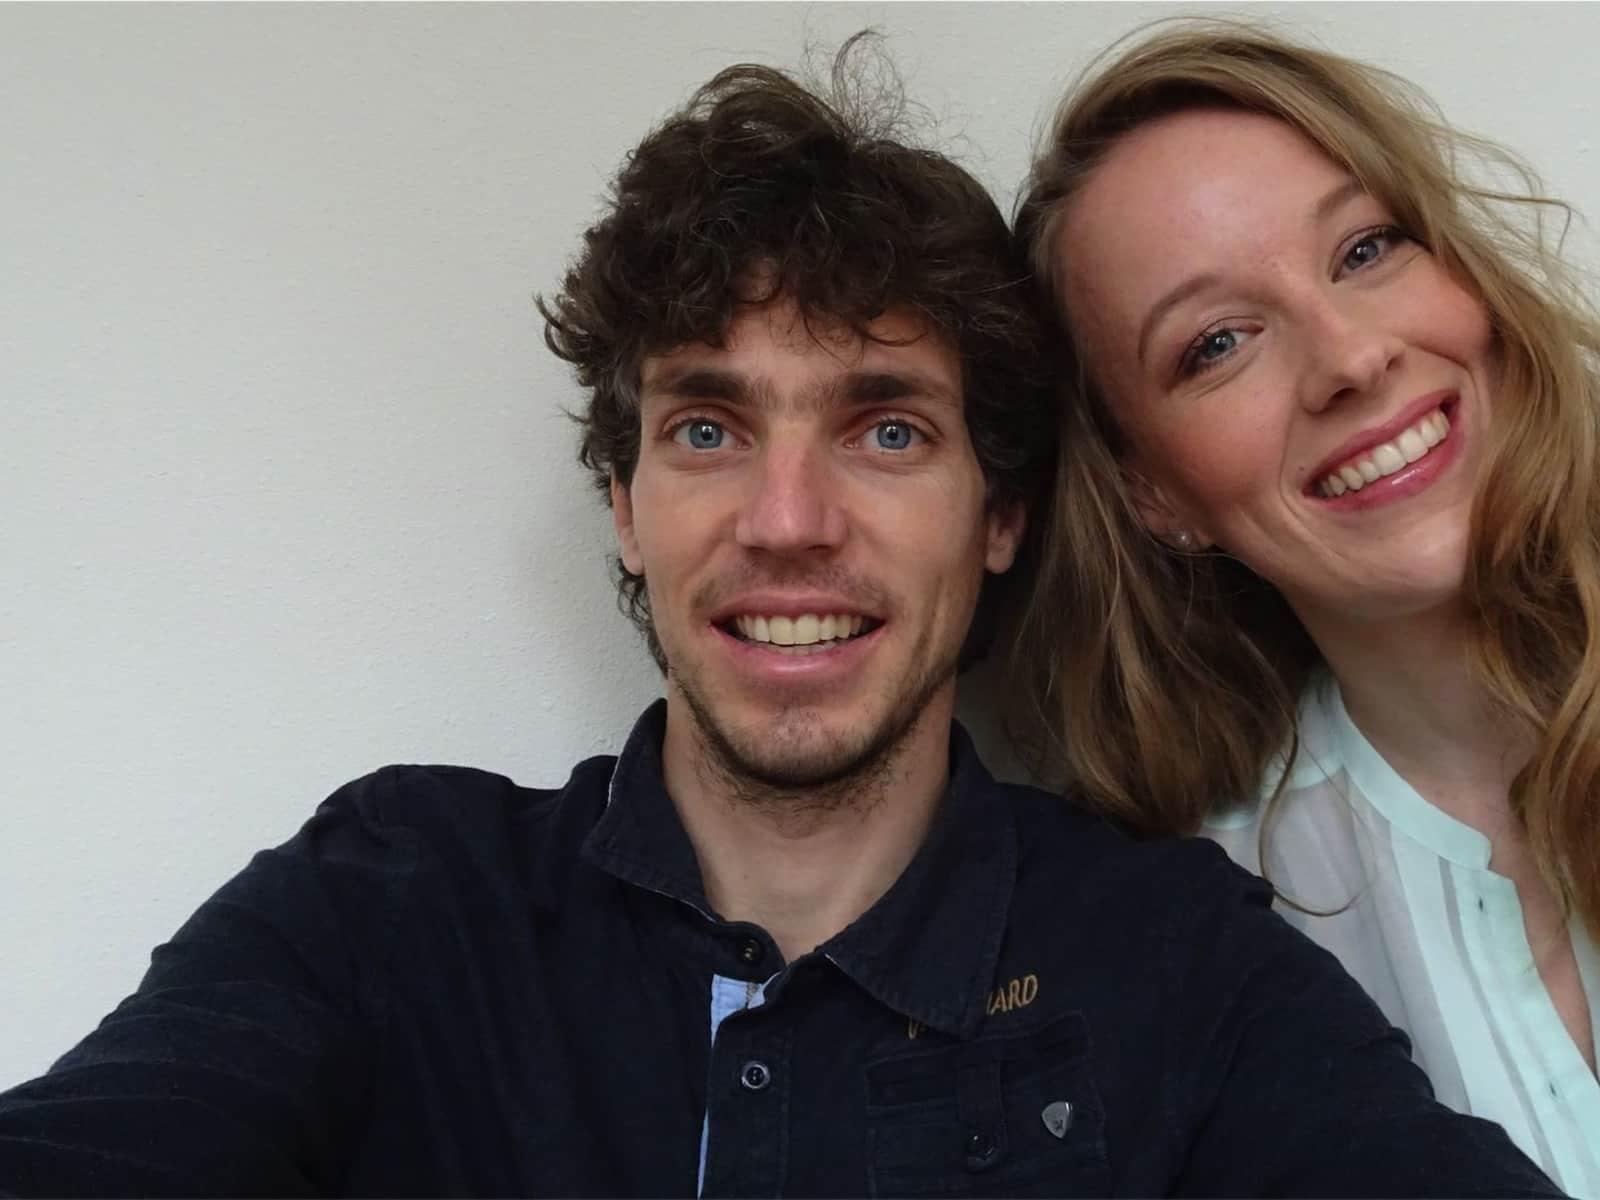 Femke & Mathijs from Schagen, Netherlands